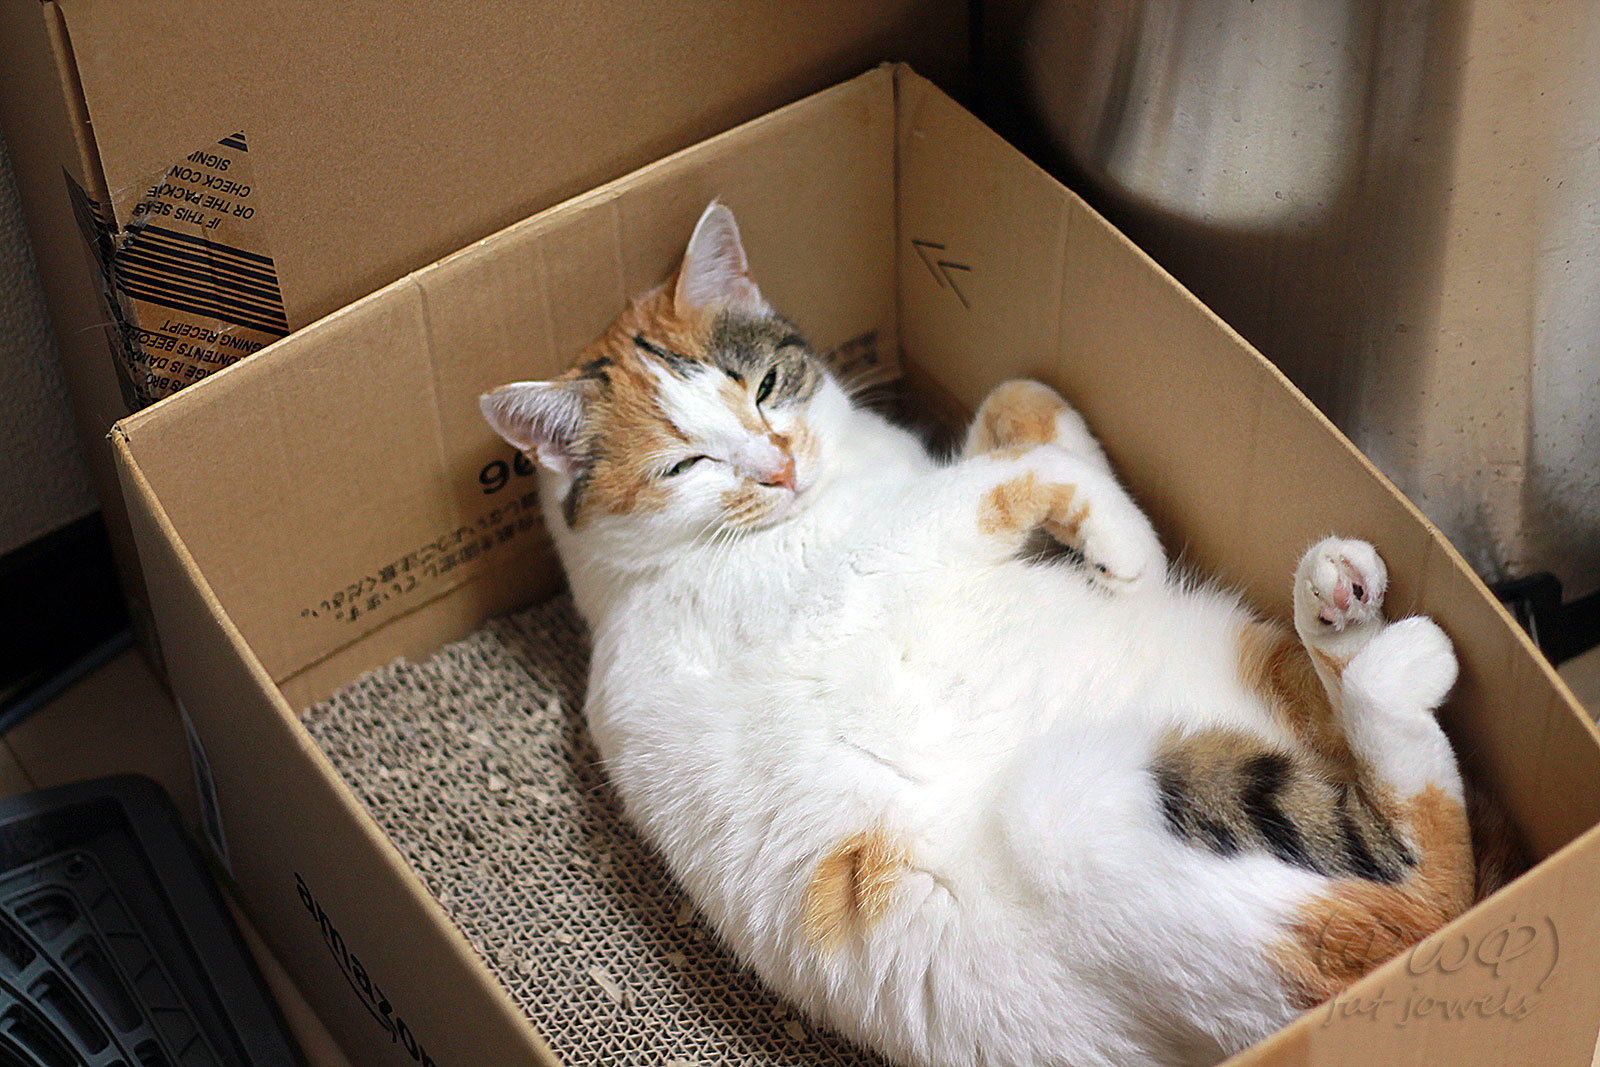 思い思いの姿勢でくつろぐ猫